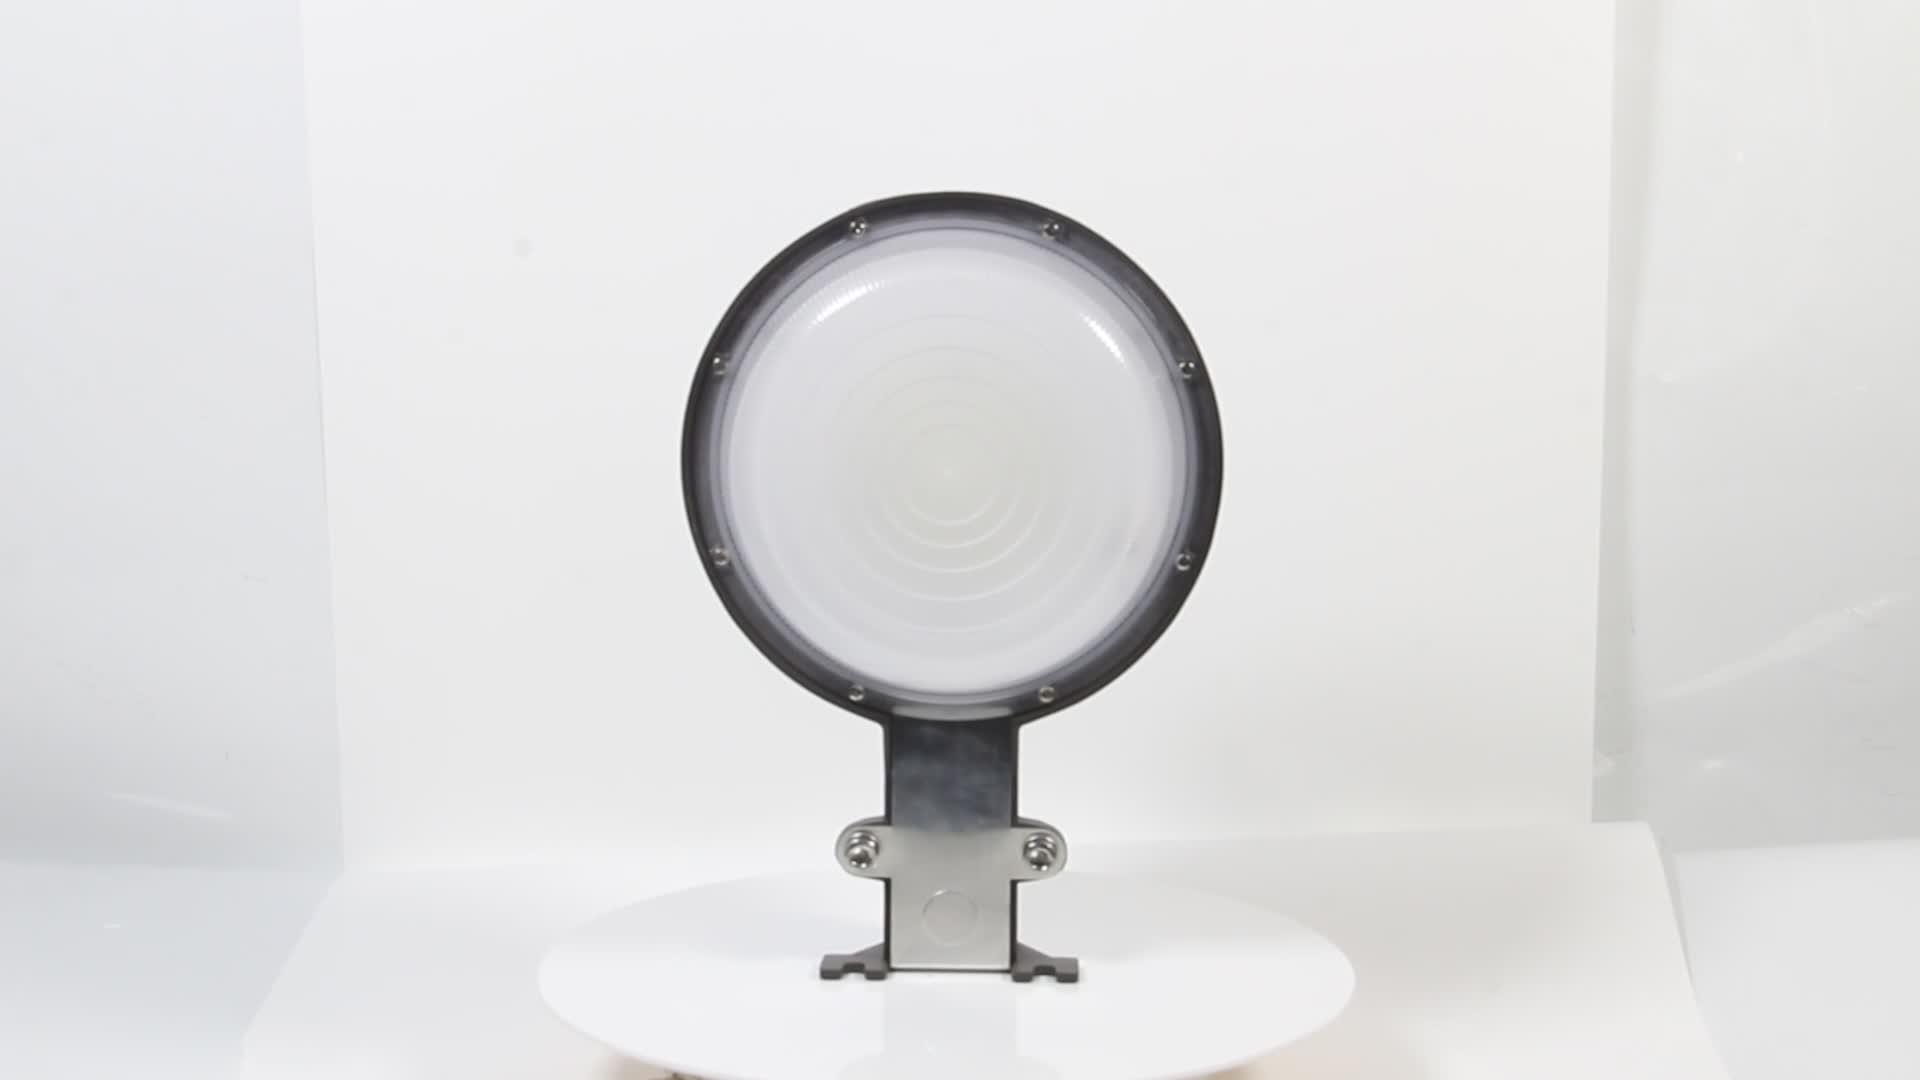 Fabriqué en chine haute lumen extérieur ip65 photocellule capteur 50 w LED grange lumière avec 5 ans de garantie à zhongshan